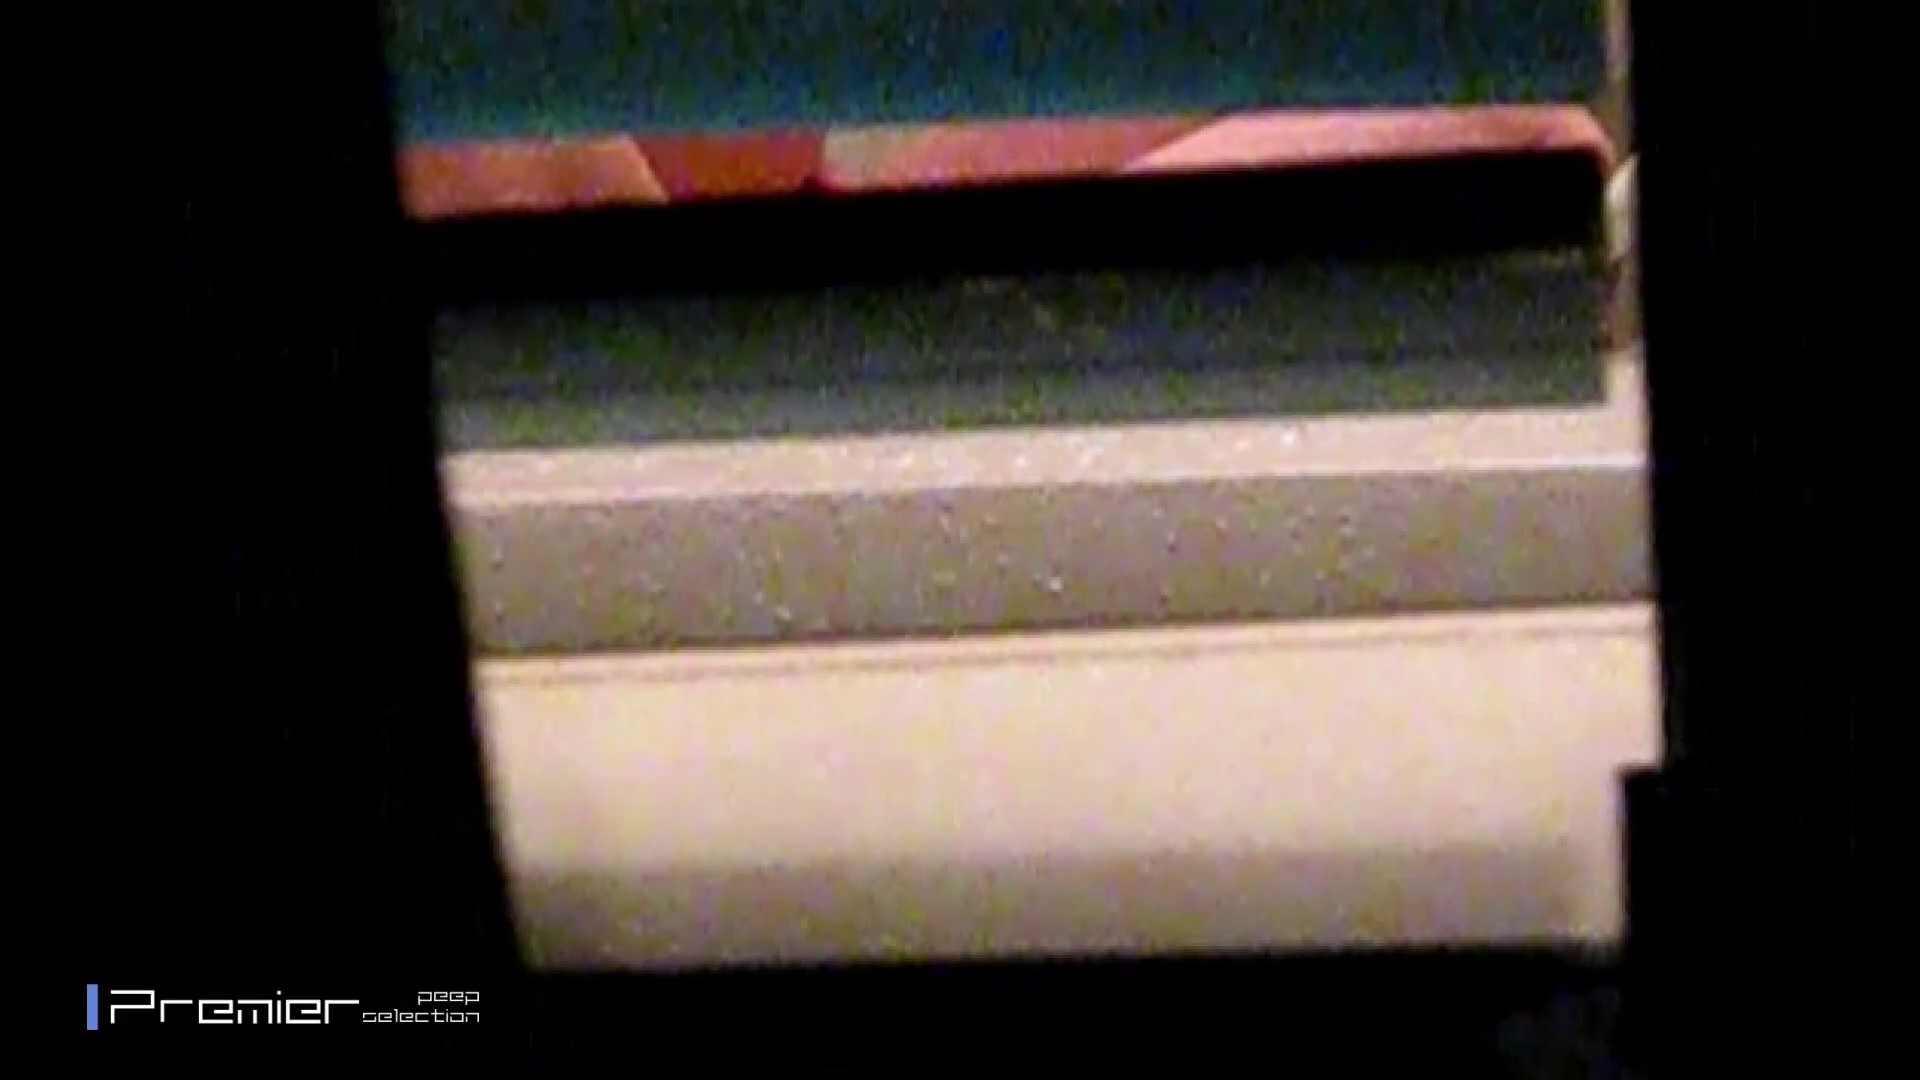 水面から透ける剛毛マン毛 乙女の風呂場 Vol.12 乙女  89PIX 81